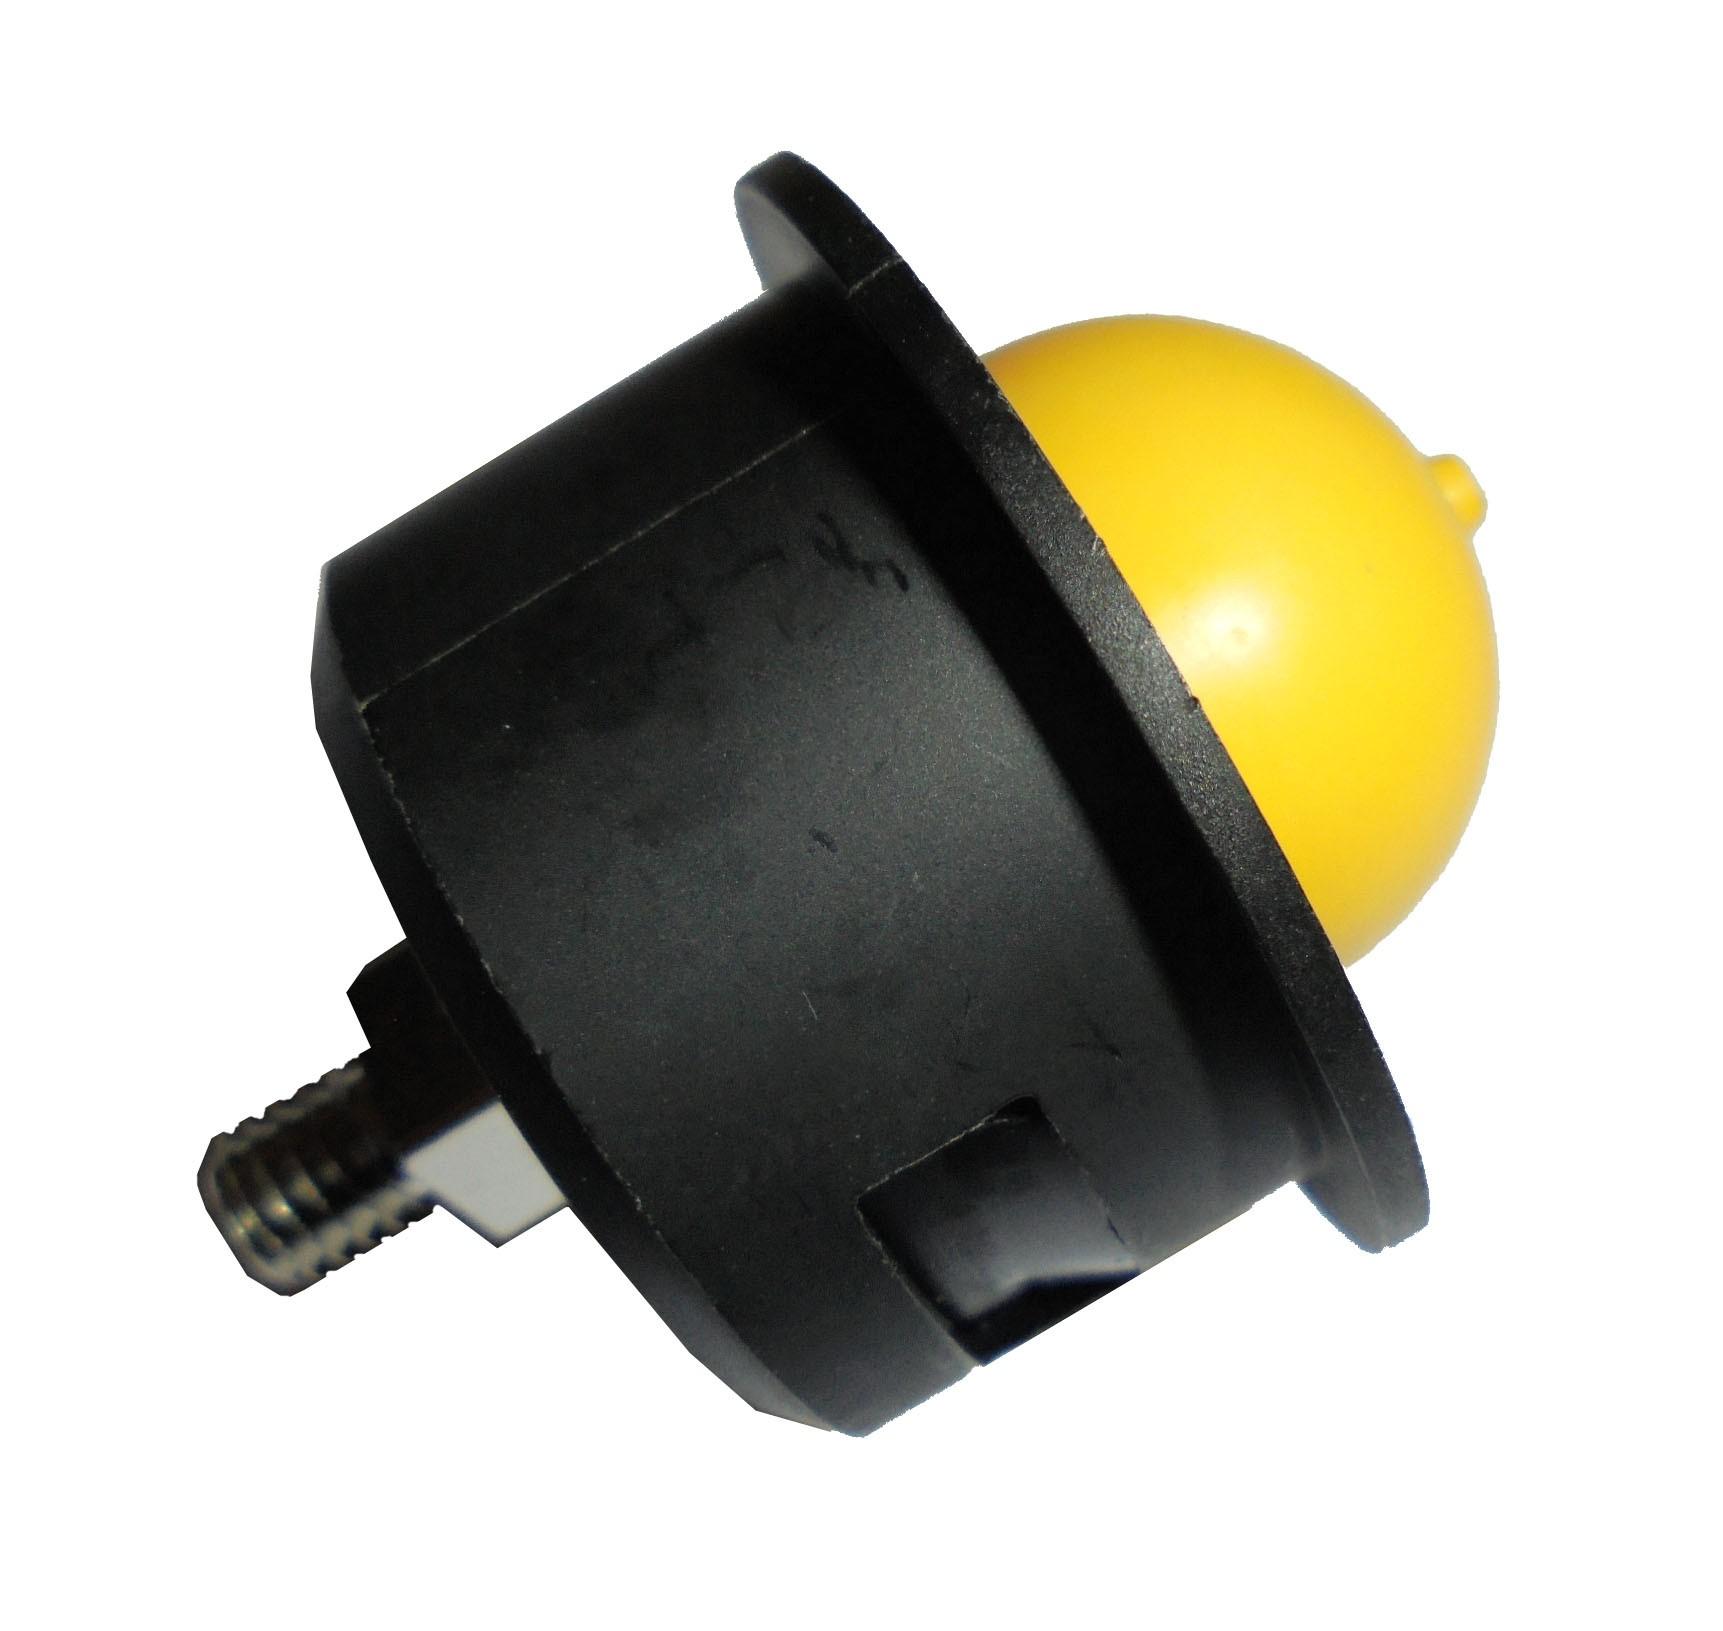 Primer Bulb (No hole) - HR Power Equipment